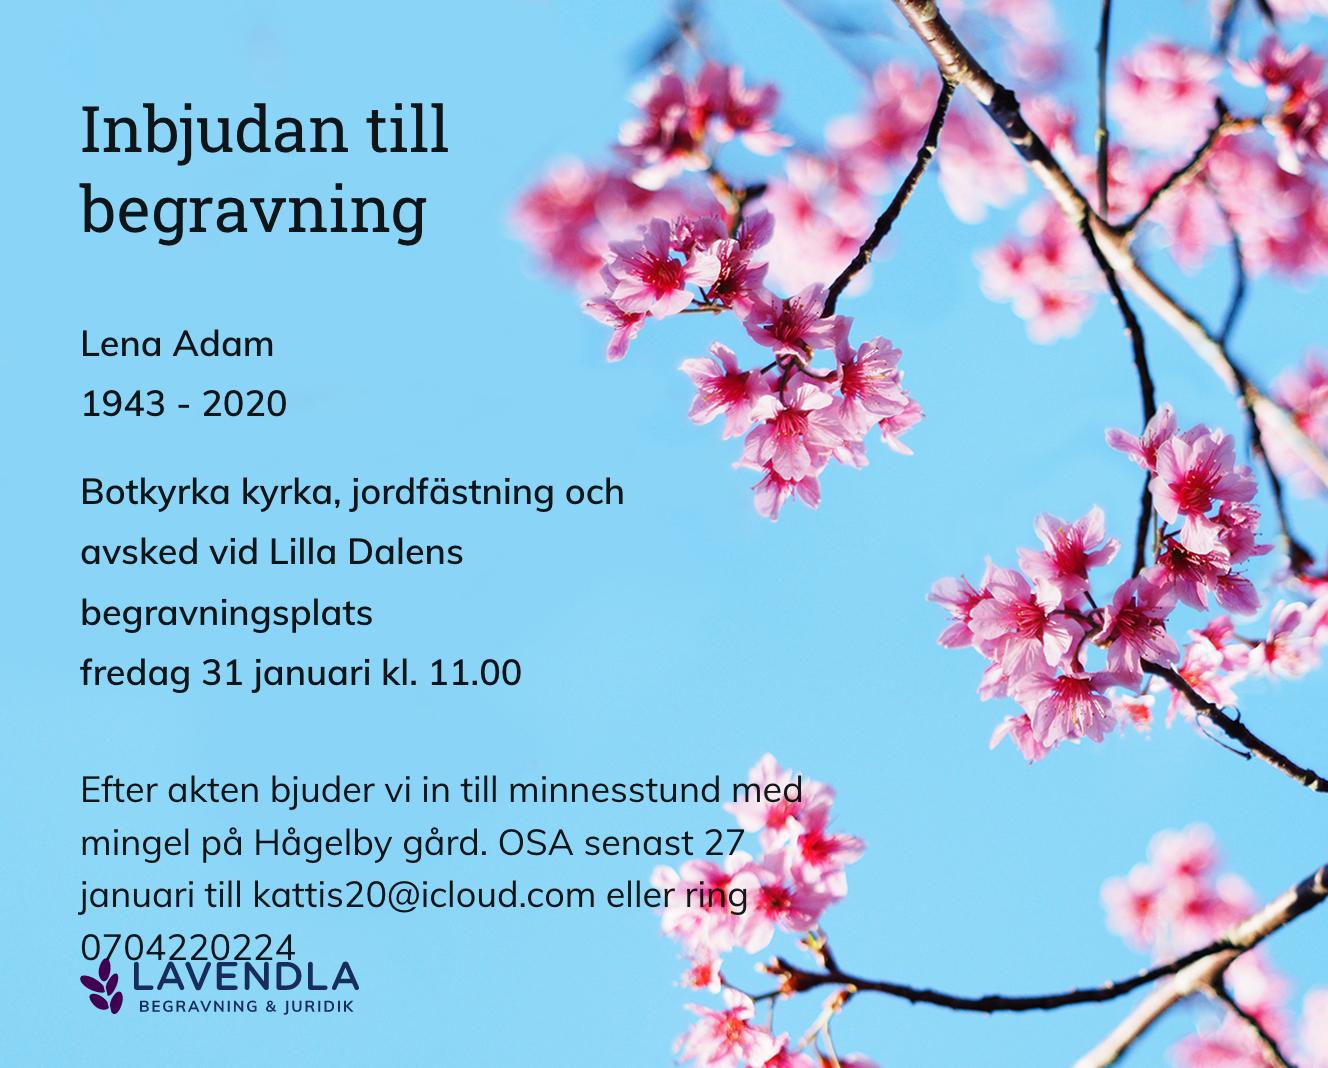 Inbjudningskort till ceremonin för Lena Adam